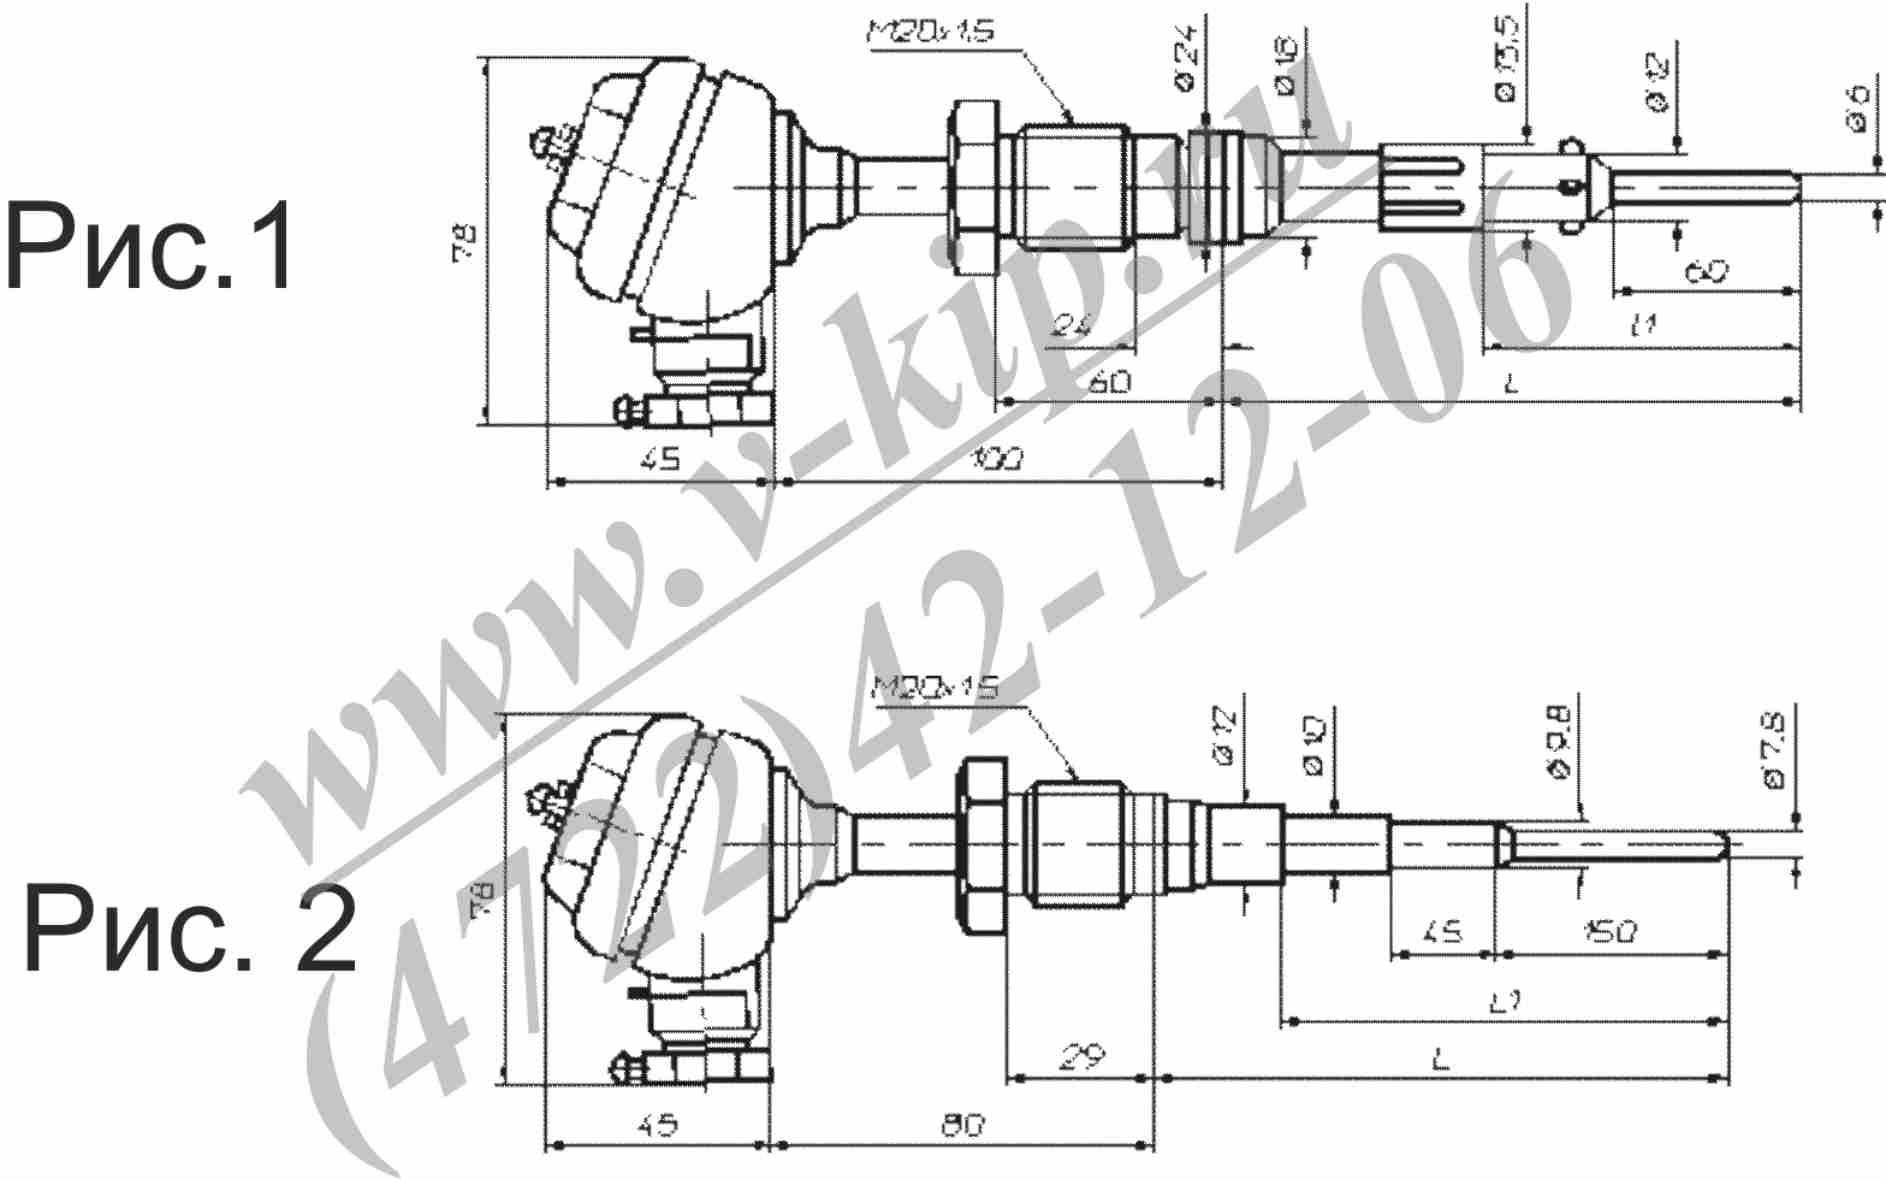 ТСП-8042Р термопреобразователь - габаритная схема